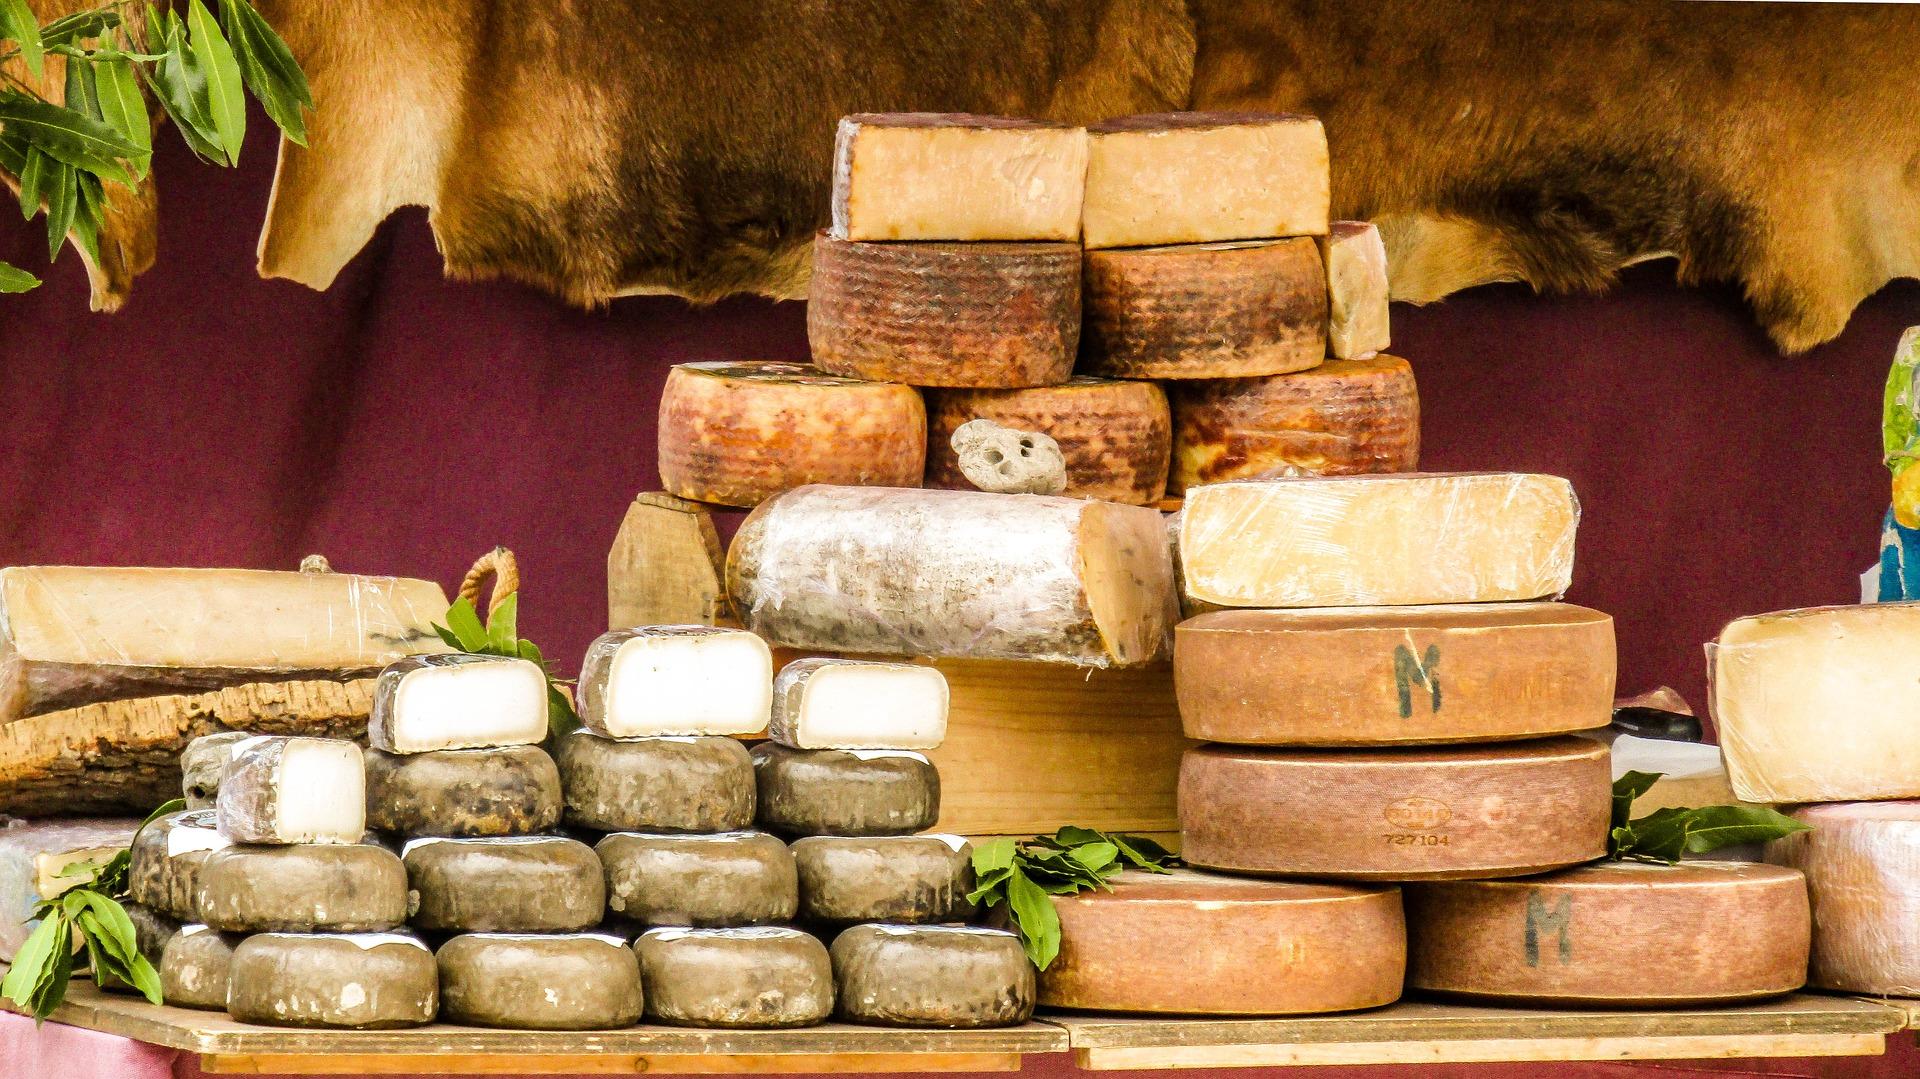 Сыр пармезан — рецепт приготовления в домашних условиях, история происхождения, описание продукта, сроки, секреты изготовления